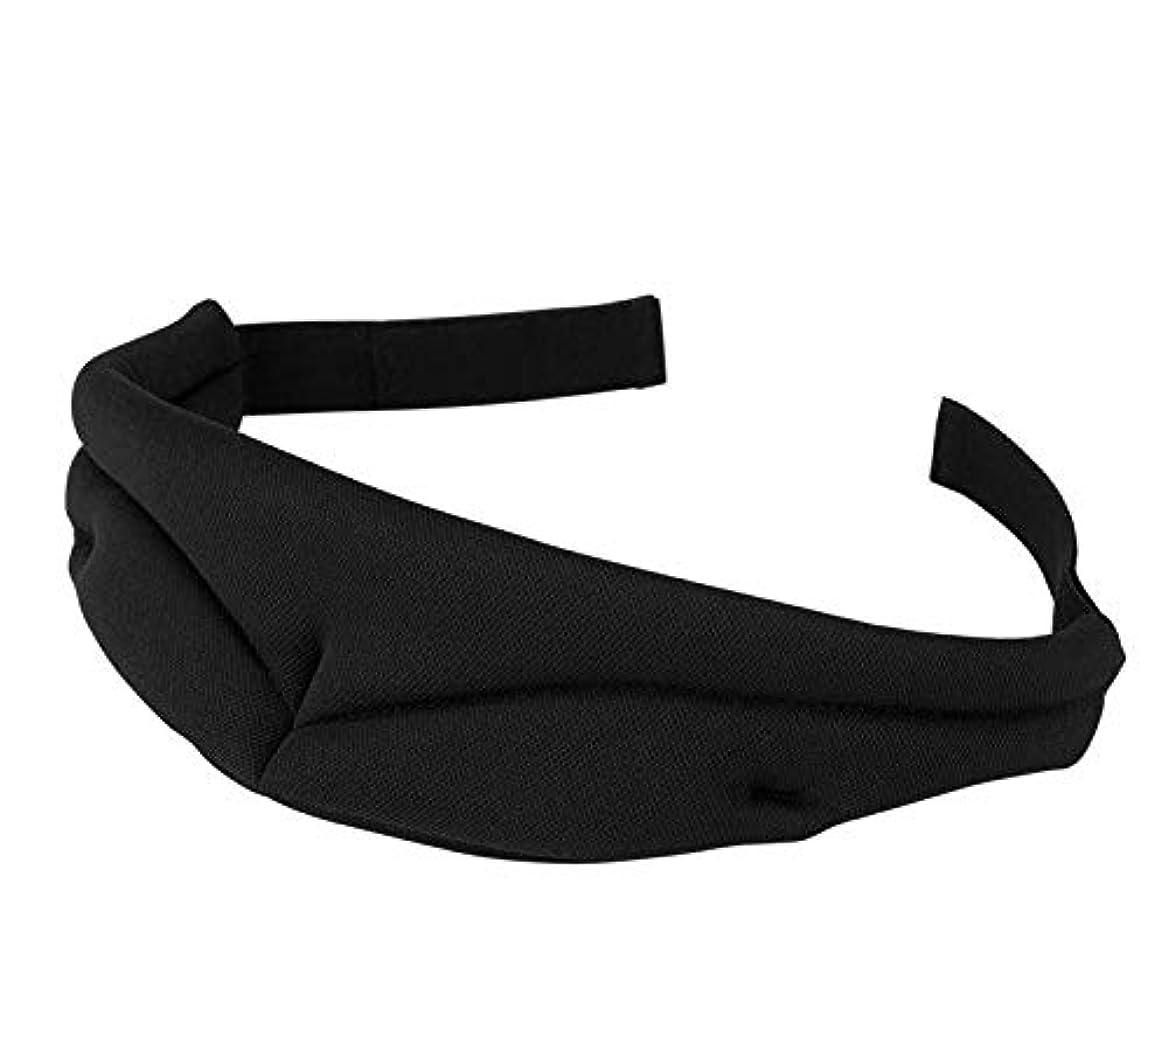 がんばり続けるフェッチ電圧NOTE コットンアイシェードナイロンアイ調節可能マスク用睡眠ナチュラルシルク航空睡眠アイマスクランチブレイク旅行シルクヘルプ睡眠マスク